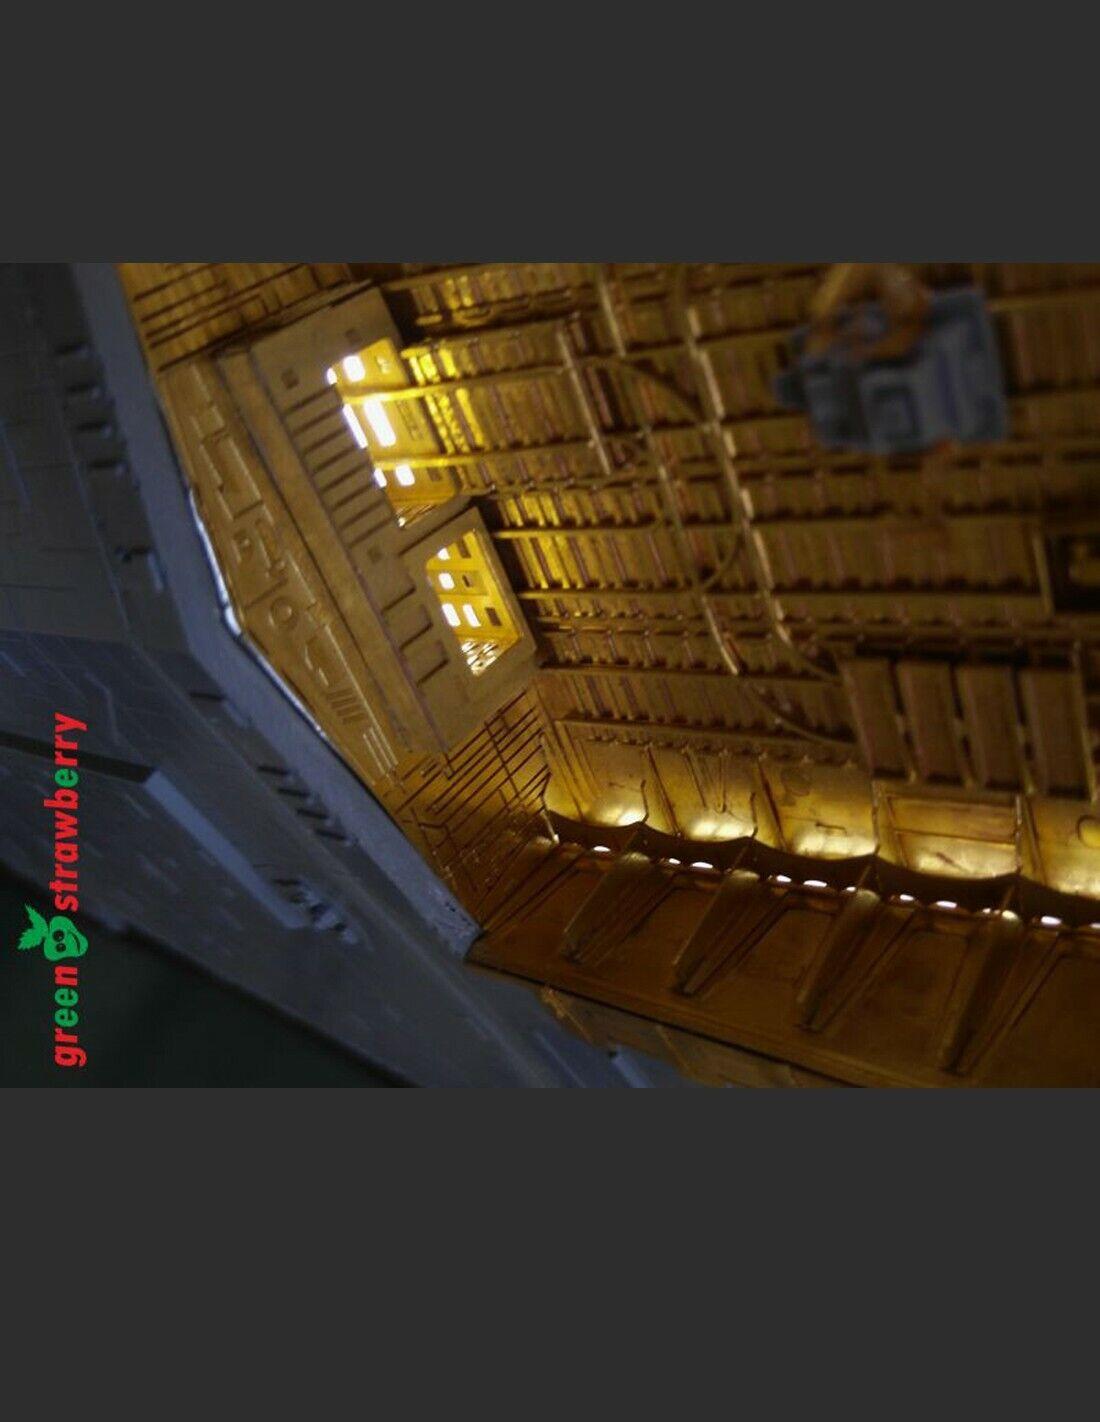 el mas reciente Estrella destroyer hangar hangar hangar bay - verdestrawberry for Zvezda Revell 1 2700 Estrella Wars  entrega rápida